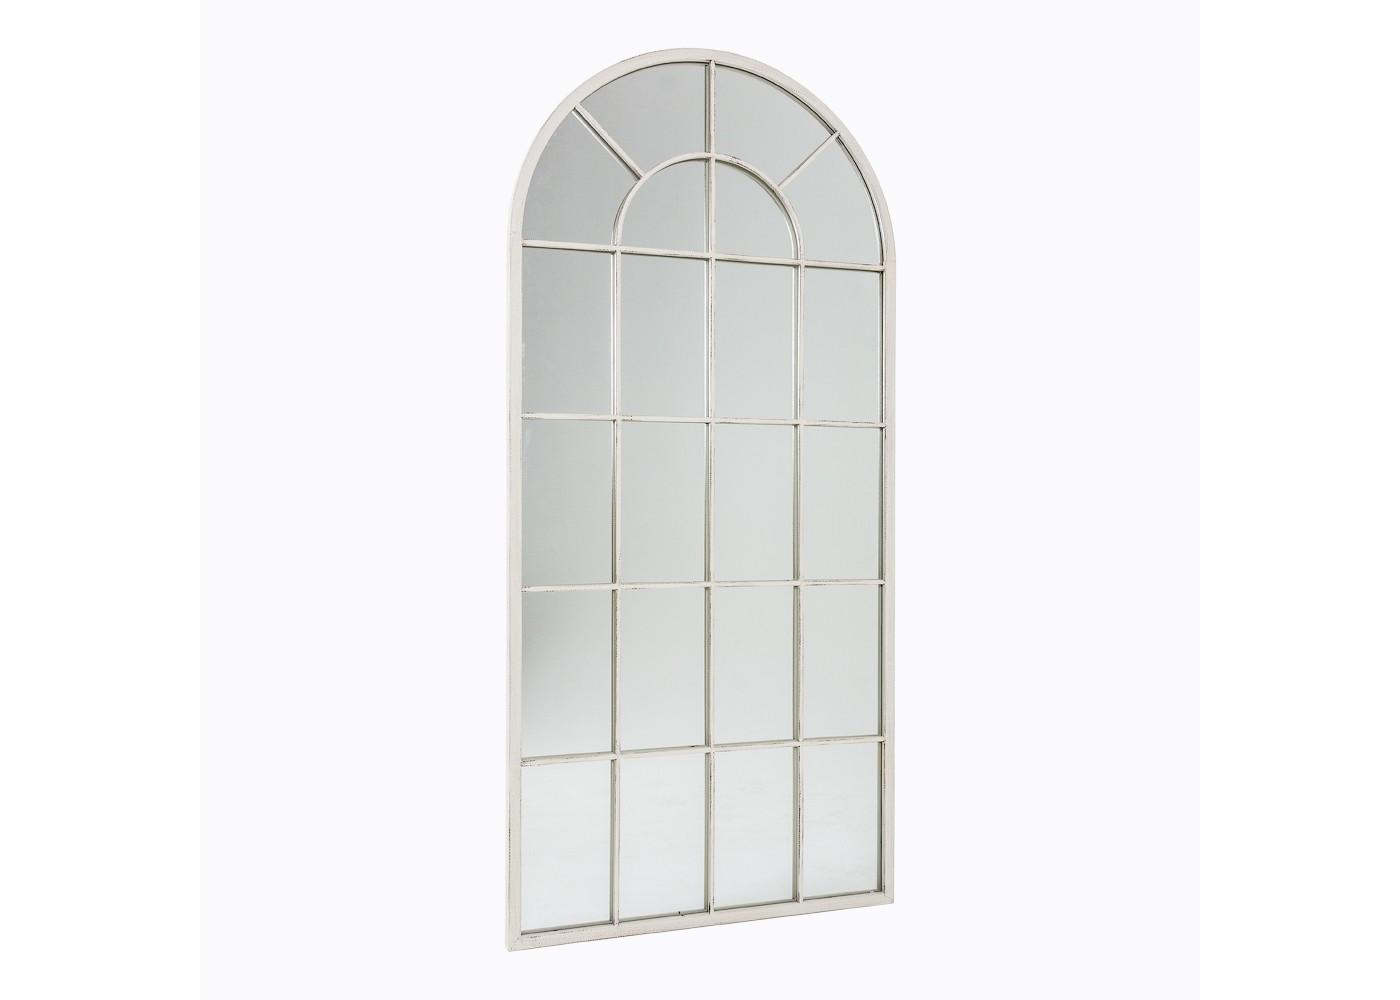 Настенное зеркало «Оранжери» (белый антик)Настенные зеркала<br>Арочные своды королевских дворцов, великолепие средневековой архитектуры и романтизм... Какие еще ассоциации вызовет у вас зеркало &amp;quot;Оранжери&amp;quot;? Этот декор-иллюзия позволит не только украсить, но и преобразить геометрию пространства. Большое зеркало, дополненное белоснежными металлическими прутьями, визуально расширит комнату и подарит ей больше света. В галерее, салоне или будуаре в стиле прованс это мечтательное, утонченное и величественное дополнение будет очень кстати.&amp;lt;div&amp;gt;&amp;lt;br&amp;gt;&amp;lt;/div&amp;gt;&amp;lt;div&amp;gt;Зеркало крепится к стене на два крючка на задней панелёи.&amp;lt;/div&amp;gt;&amp;lt;div&amp;gt;Размер: 140?65?4 см.&amp;lt;/div&amp;gt;&amp;lt;div&amp;gt;Вес: 12 кг.&amp;lt;/div&amp;gt;<br><br>Material: Металл<br>Width см: 65<br>Depth см: 4<br>Height см: 140